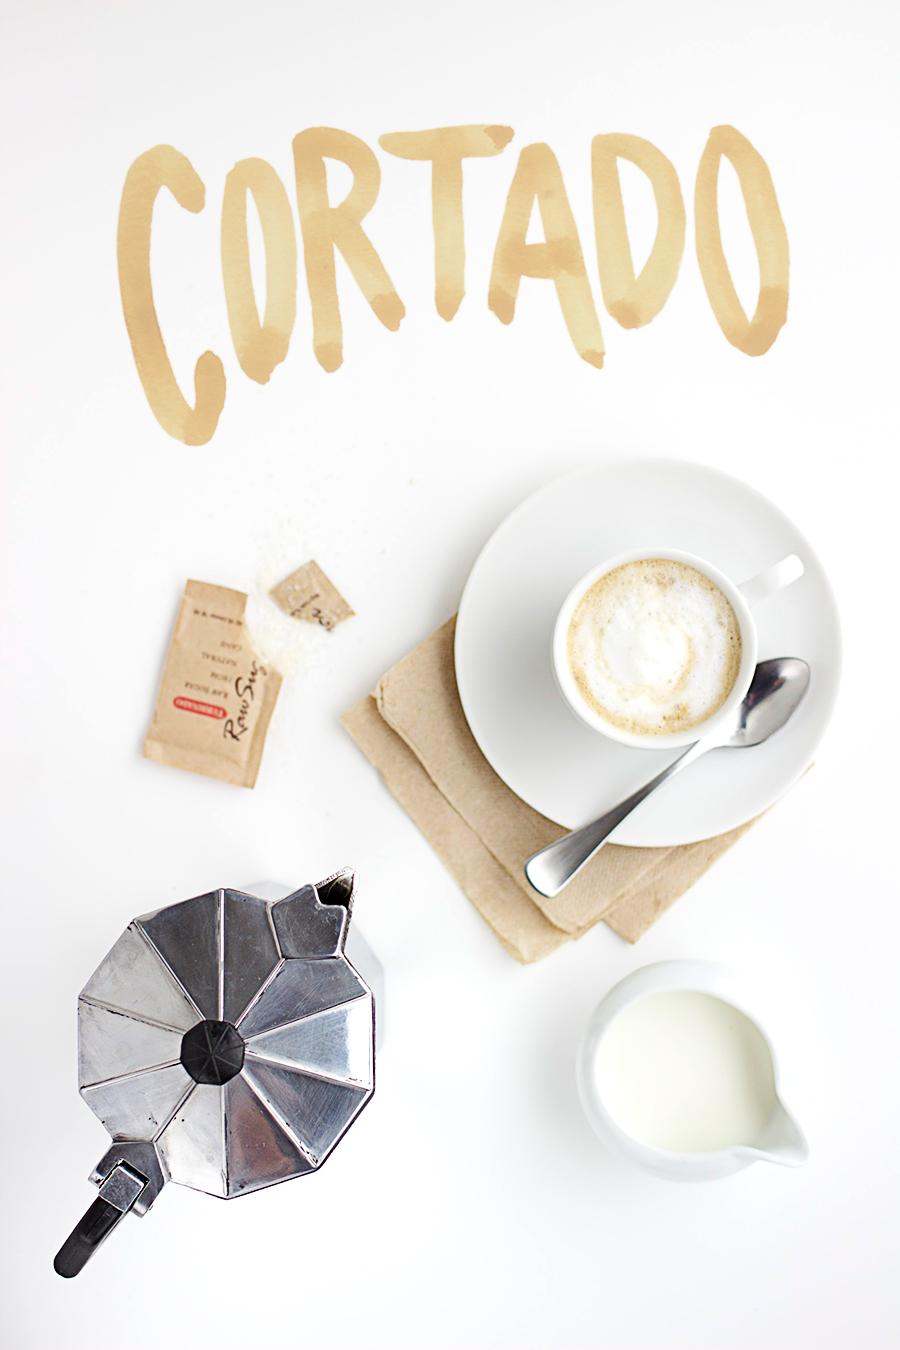 The Cortado. A Collaboration between The Artful Desperado and Alicia Carvalho | www.alicia-carvalho.com